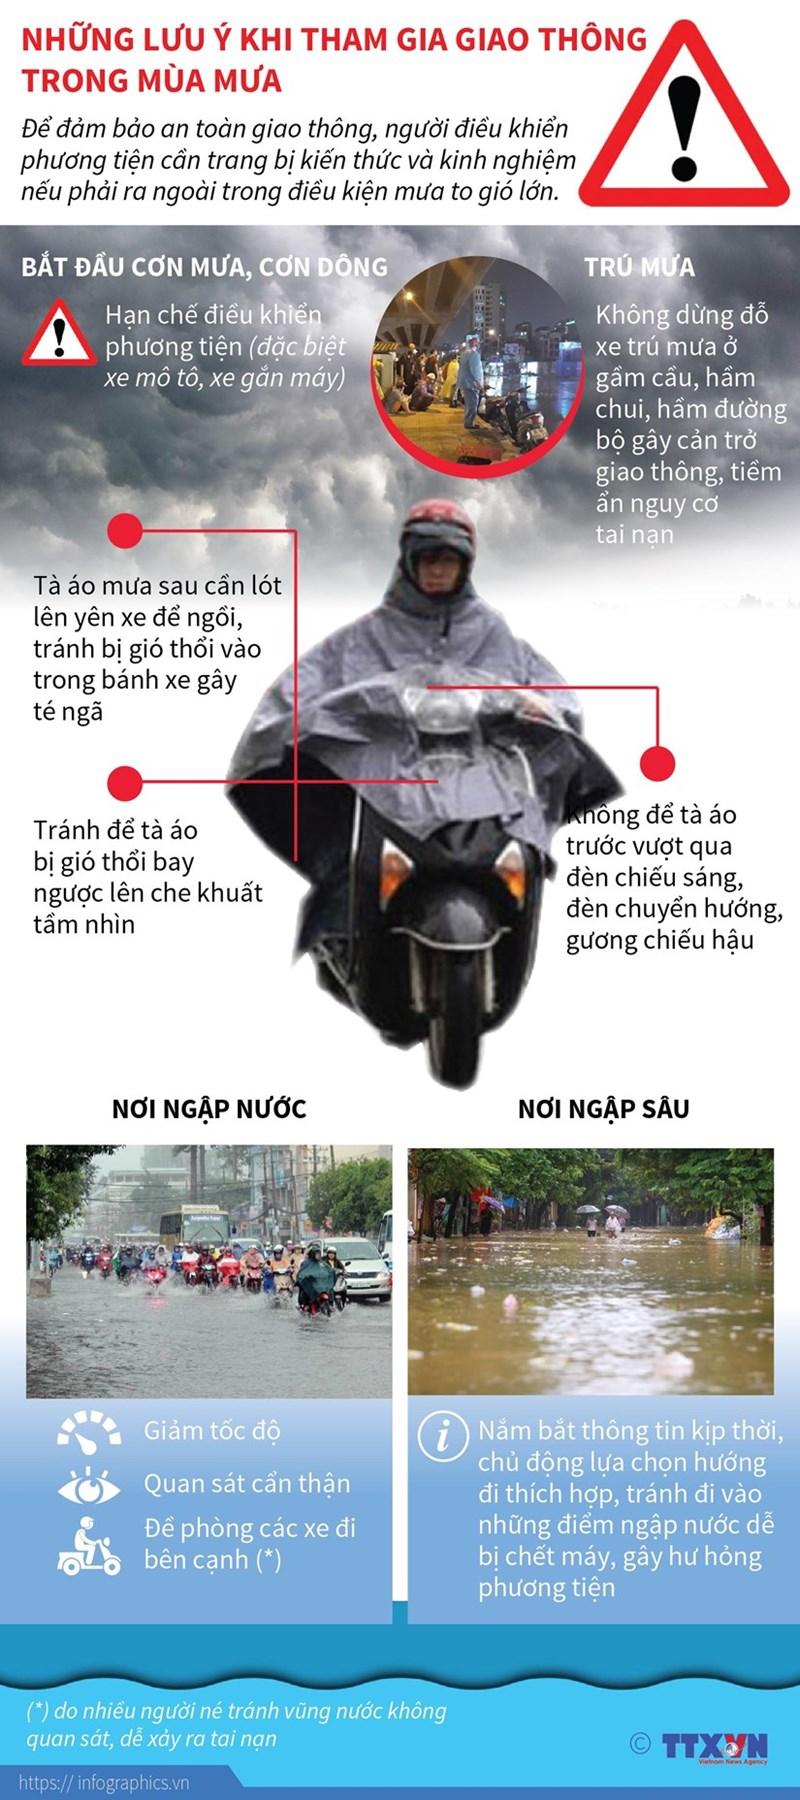 [Infographics] Những lưu ý khi tham gia giao thông trong mùa mưa - Ảnh 1